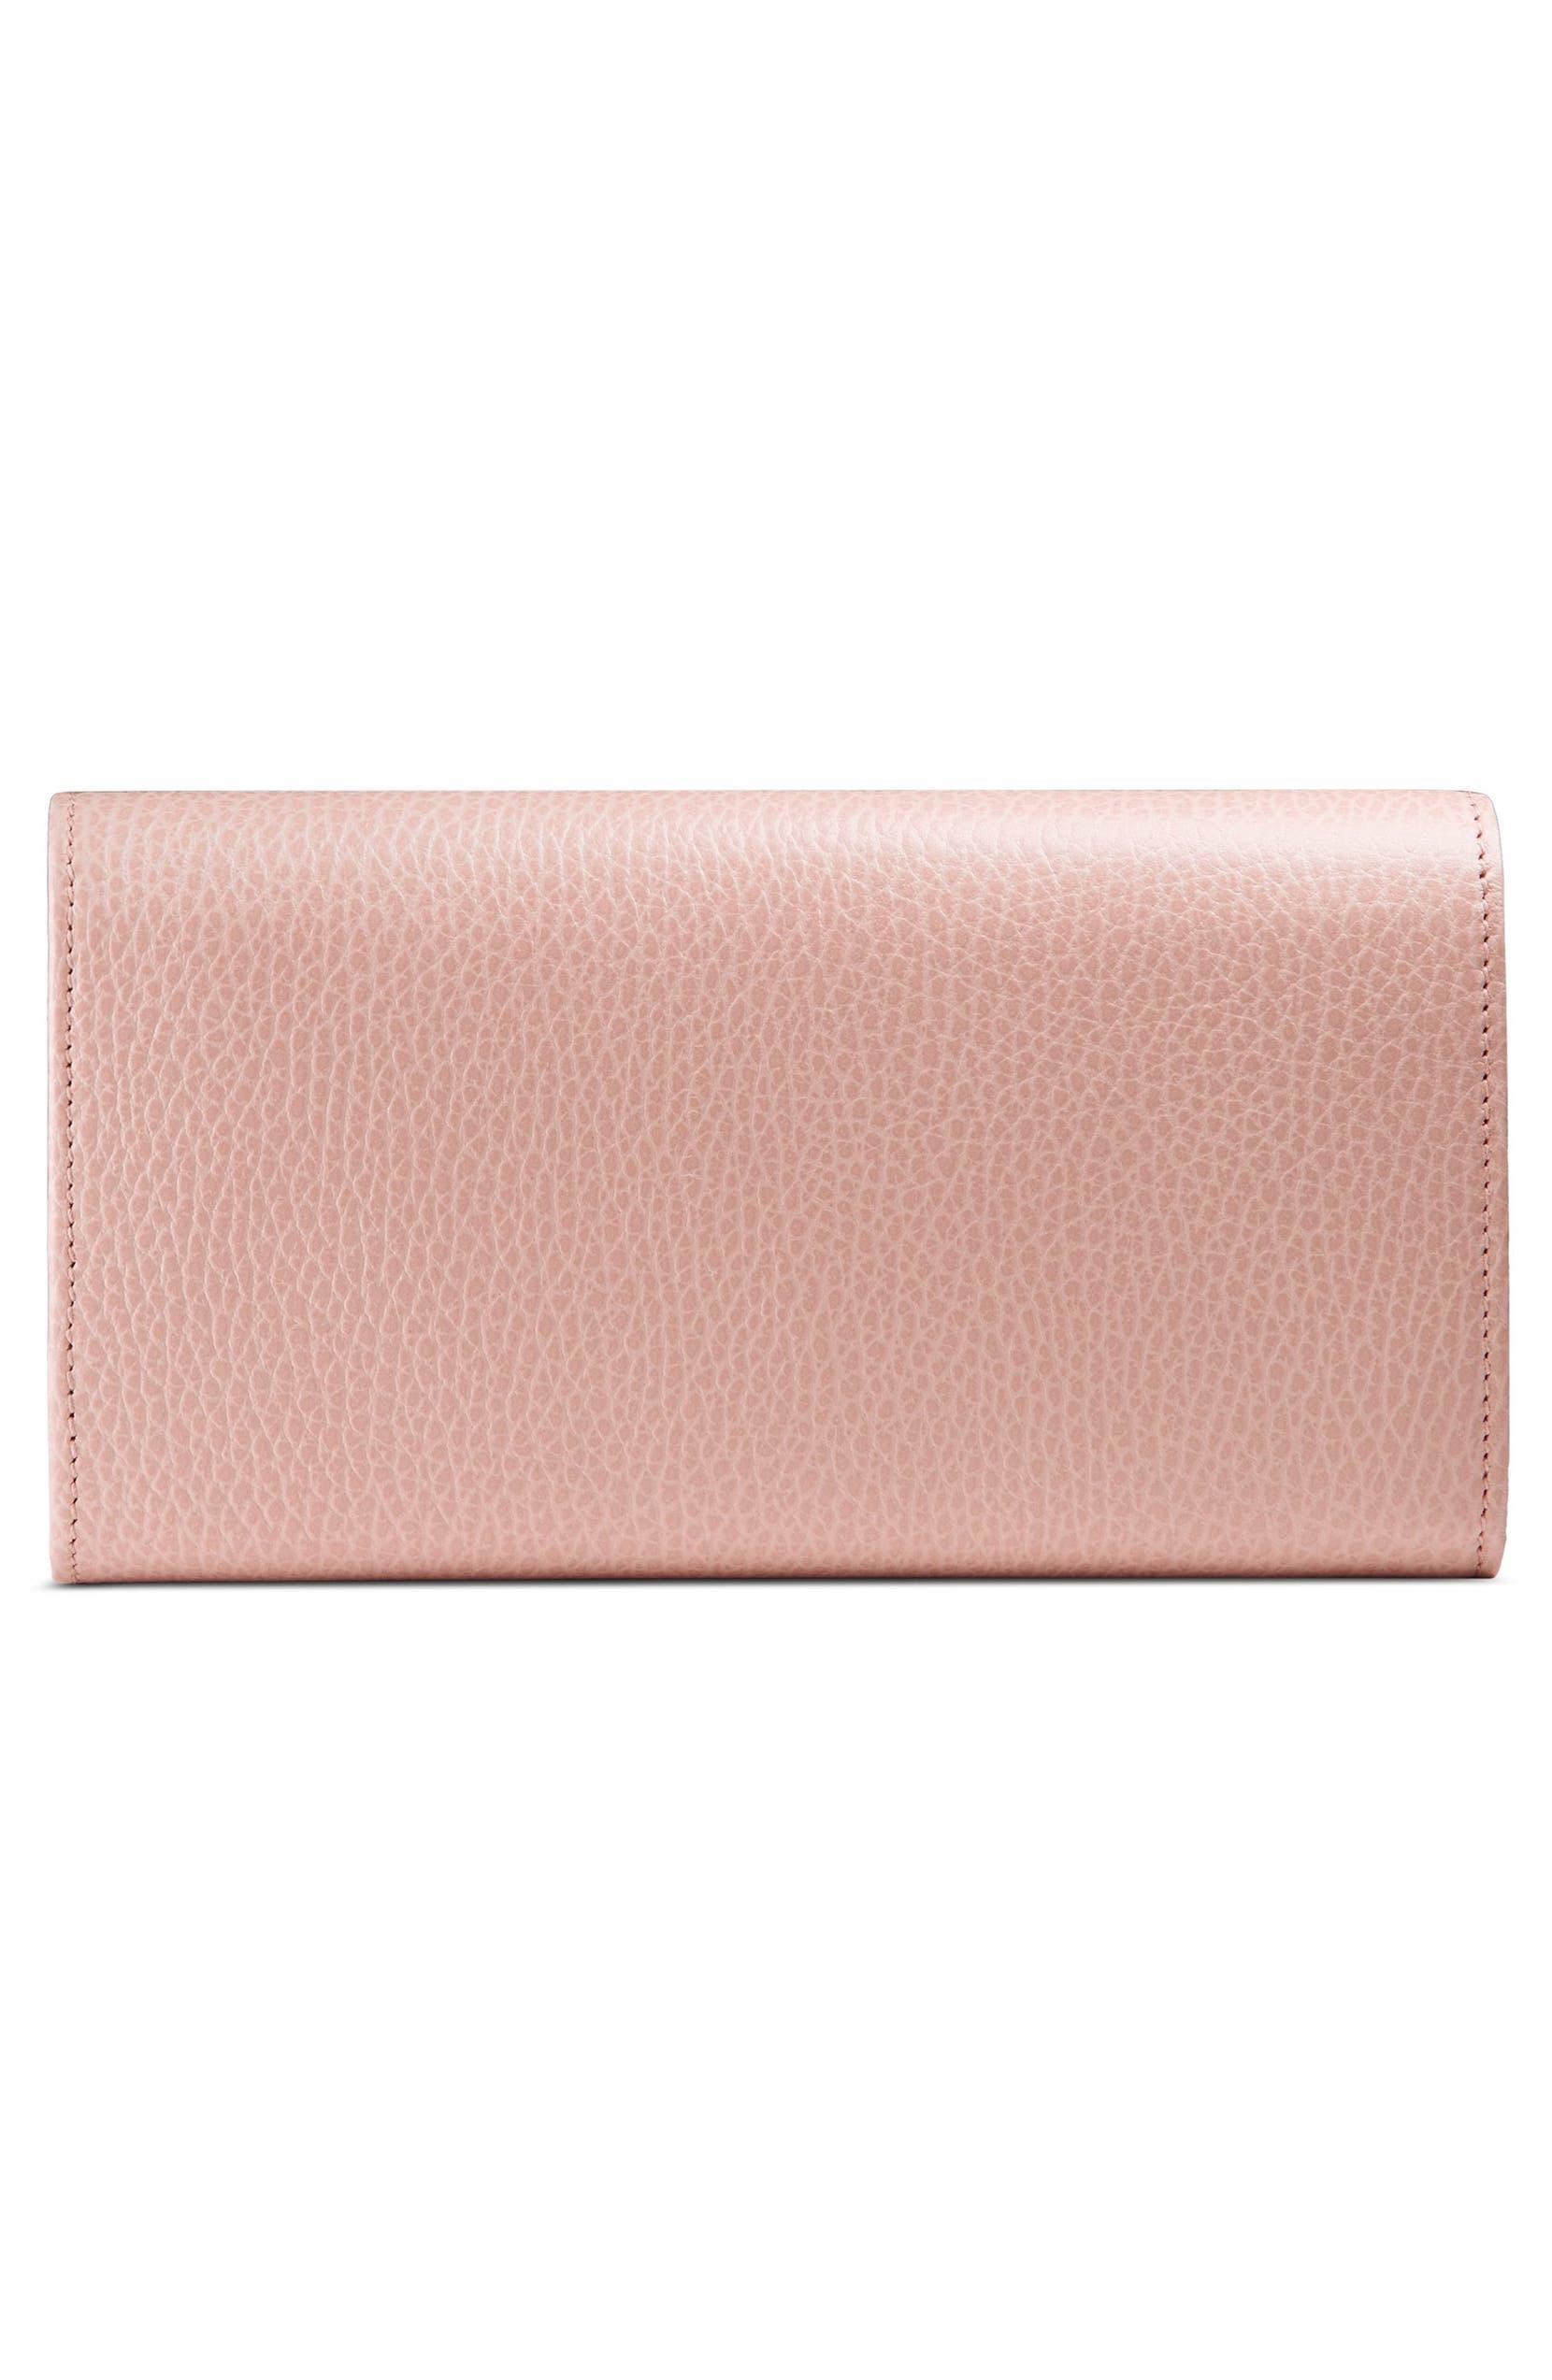 ea6e3cd506a6fd Gucci Farfalla Leather Continental Wallet | Nordstrom